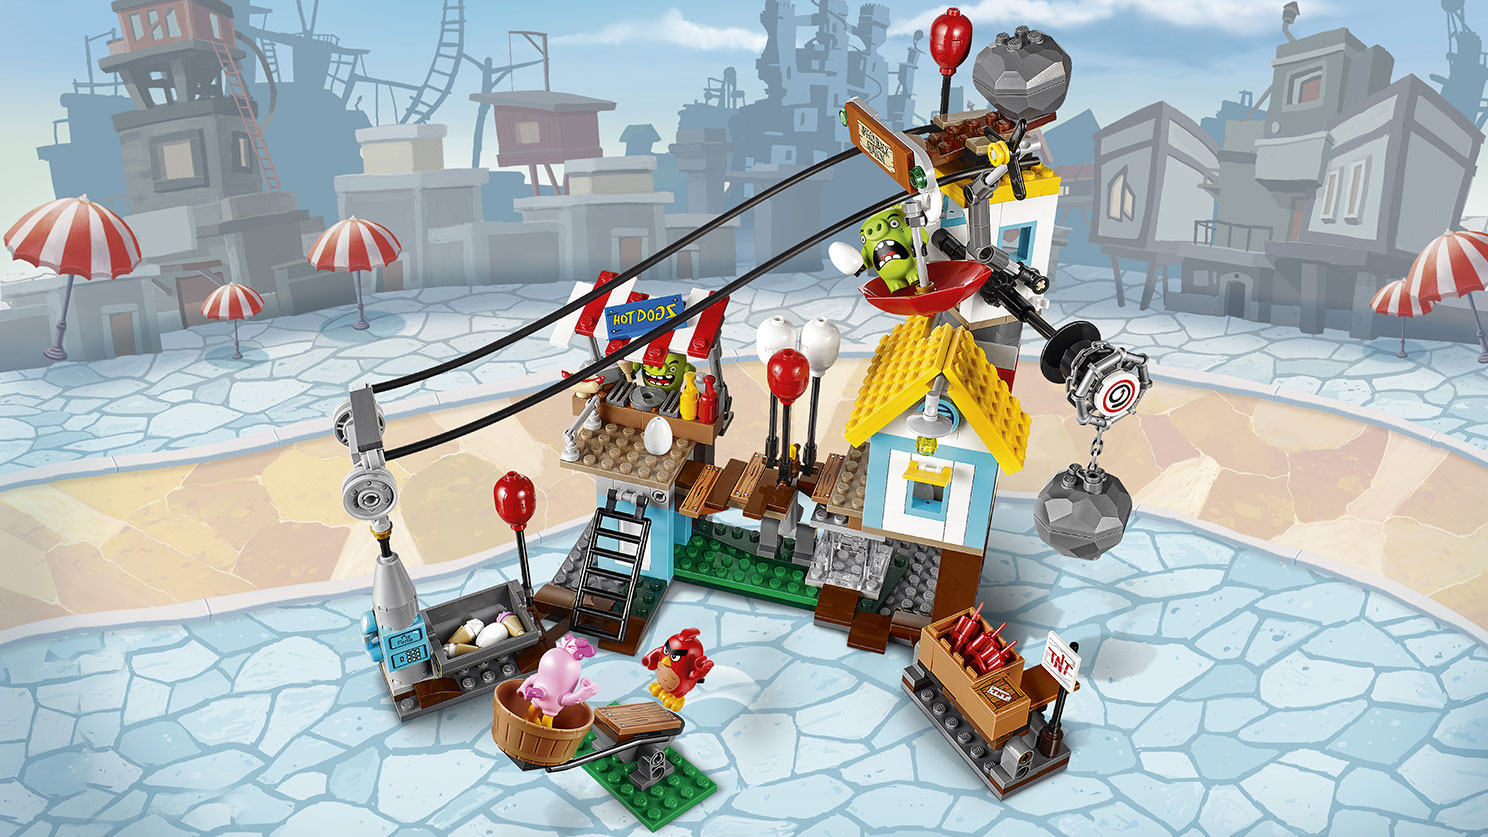 Image Lego 75824 Prod Sec01 1488g Angry Birds Wiki Fandom